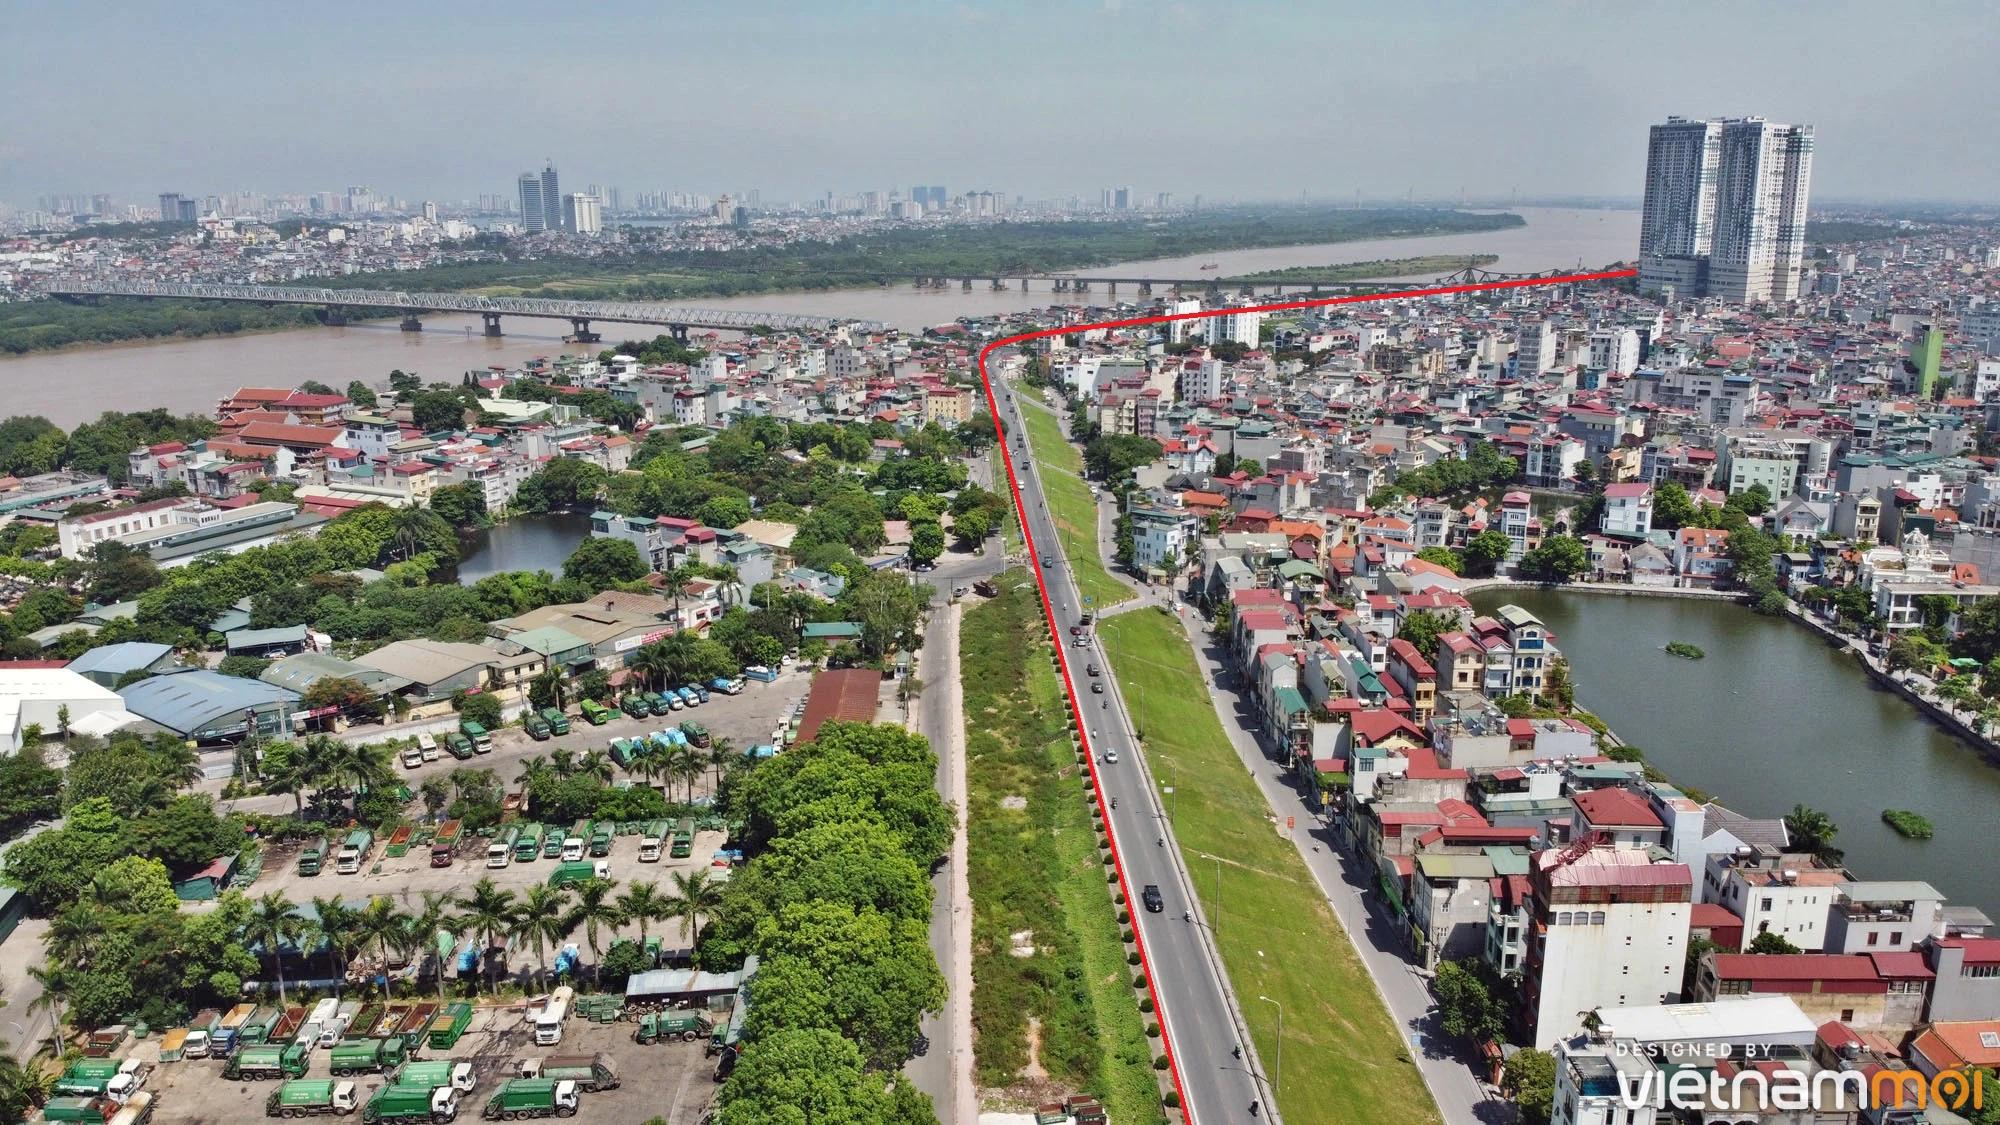 Toàn cảnh hiện trạng Phân khu đô thị sông Hồng trên địa bàn quận Long Biên - Ảnh 12.